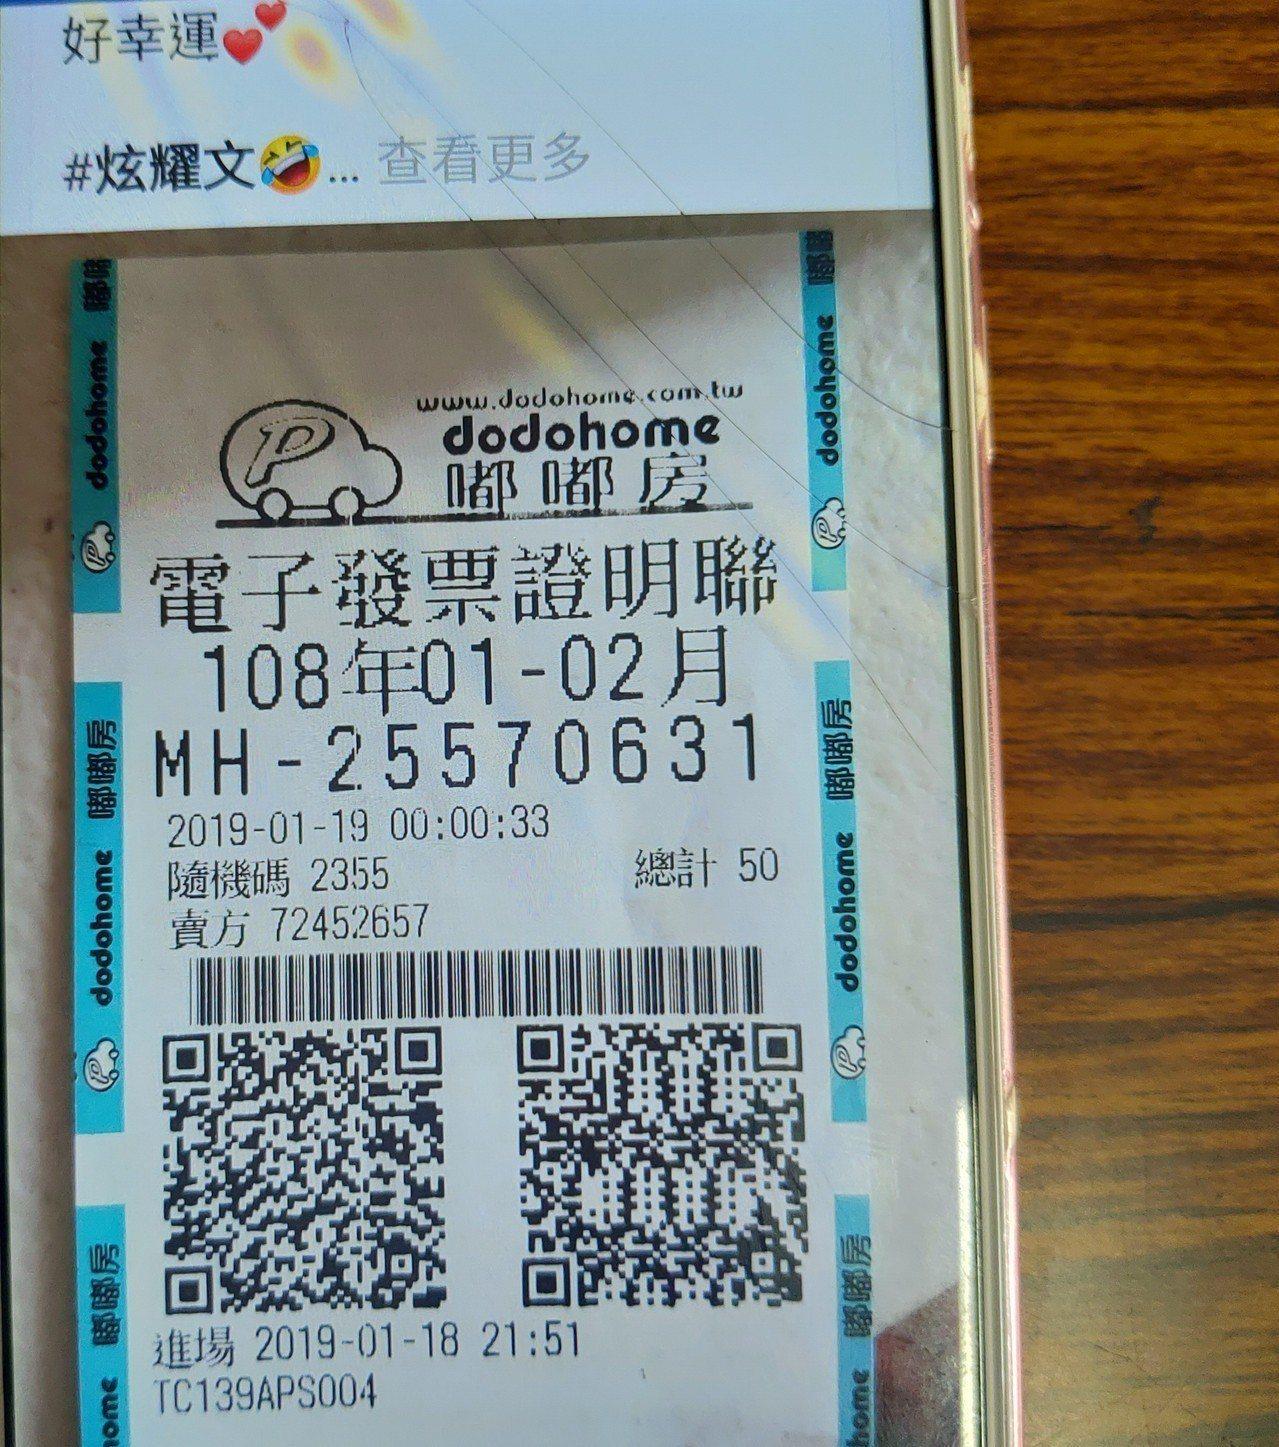 彰化凃姓女子將中獎發票貼在臉書上,卻疑似遭人冒領。記者林敬家/翻攝